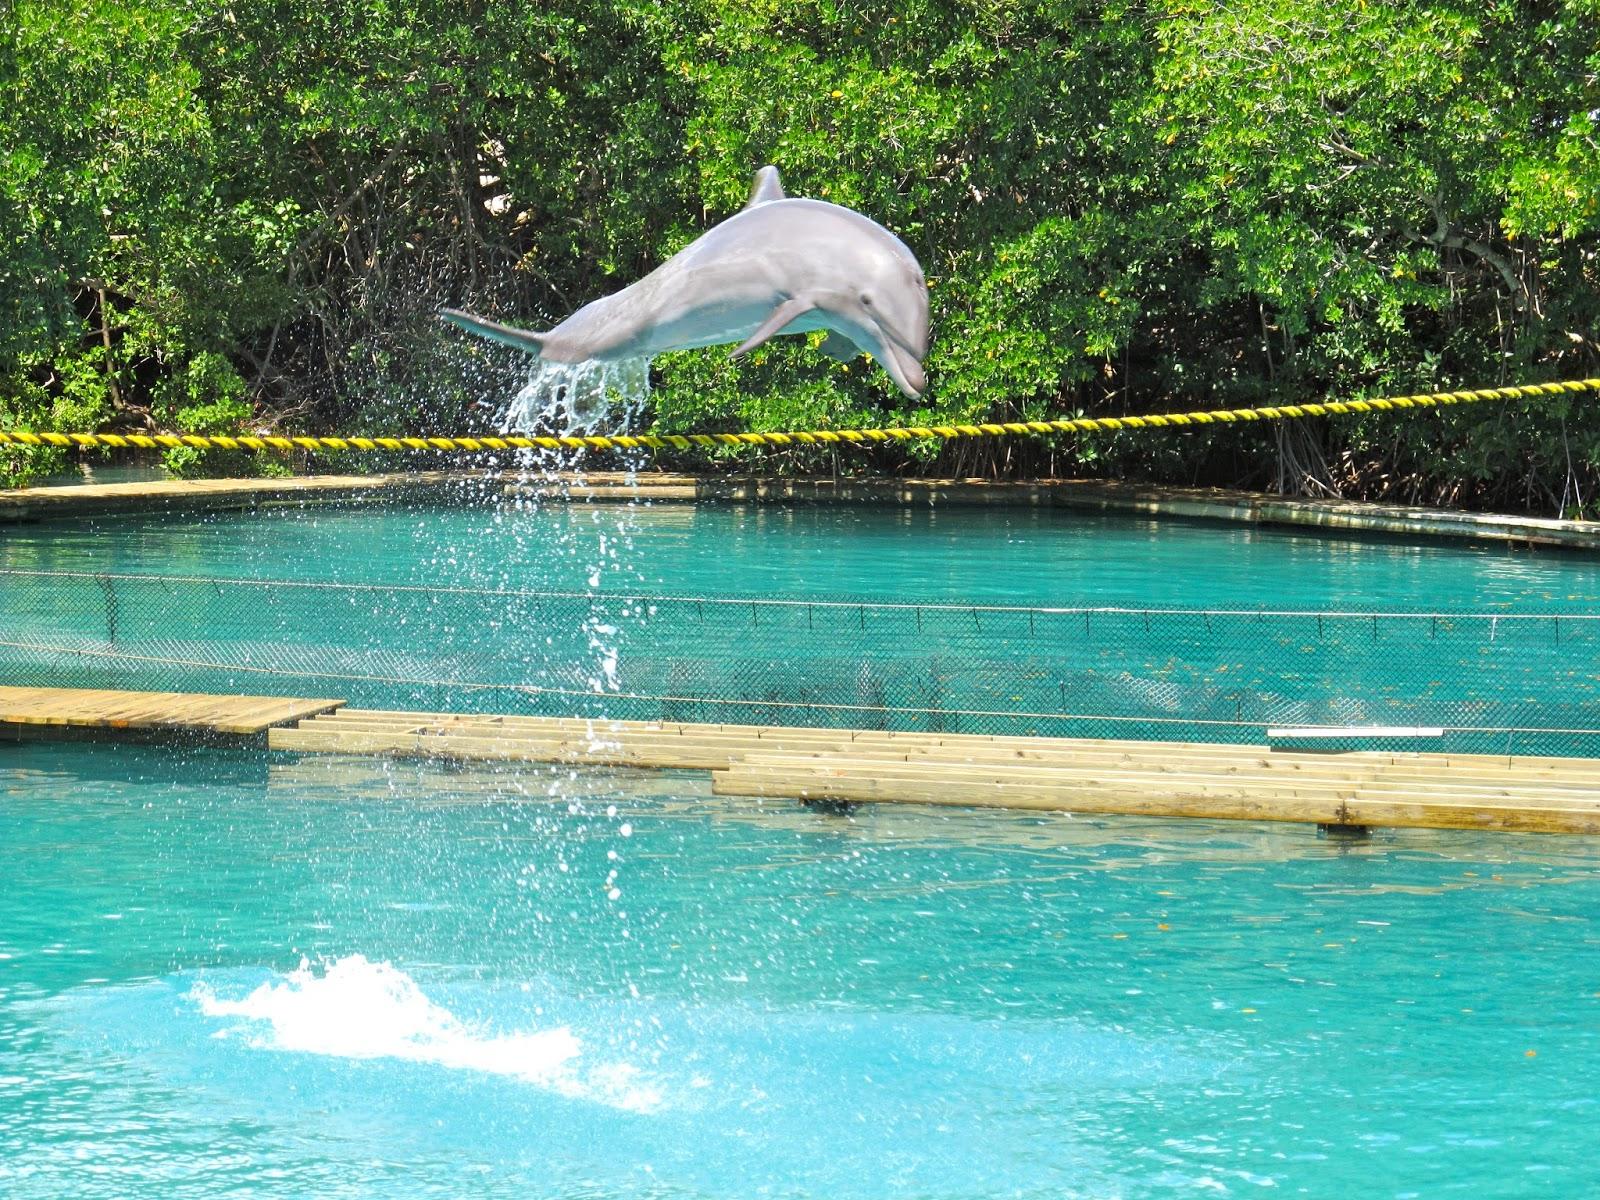 Dolphin Show at Miami Seaquarium, FL - ouroutdoortravels.blogspot.com